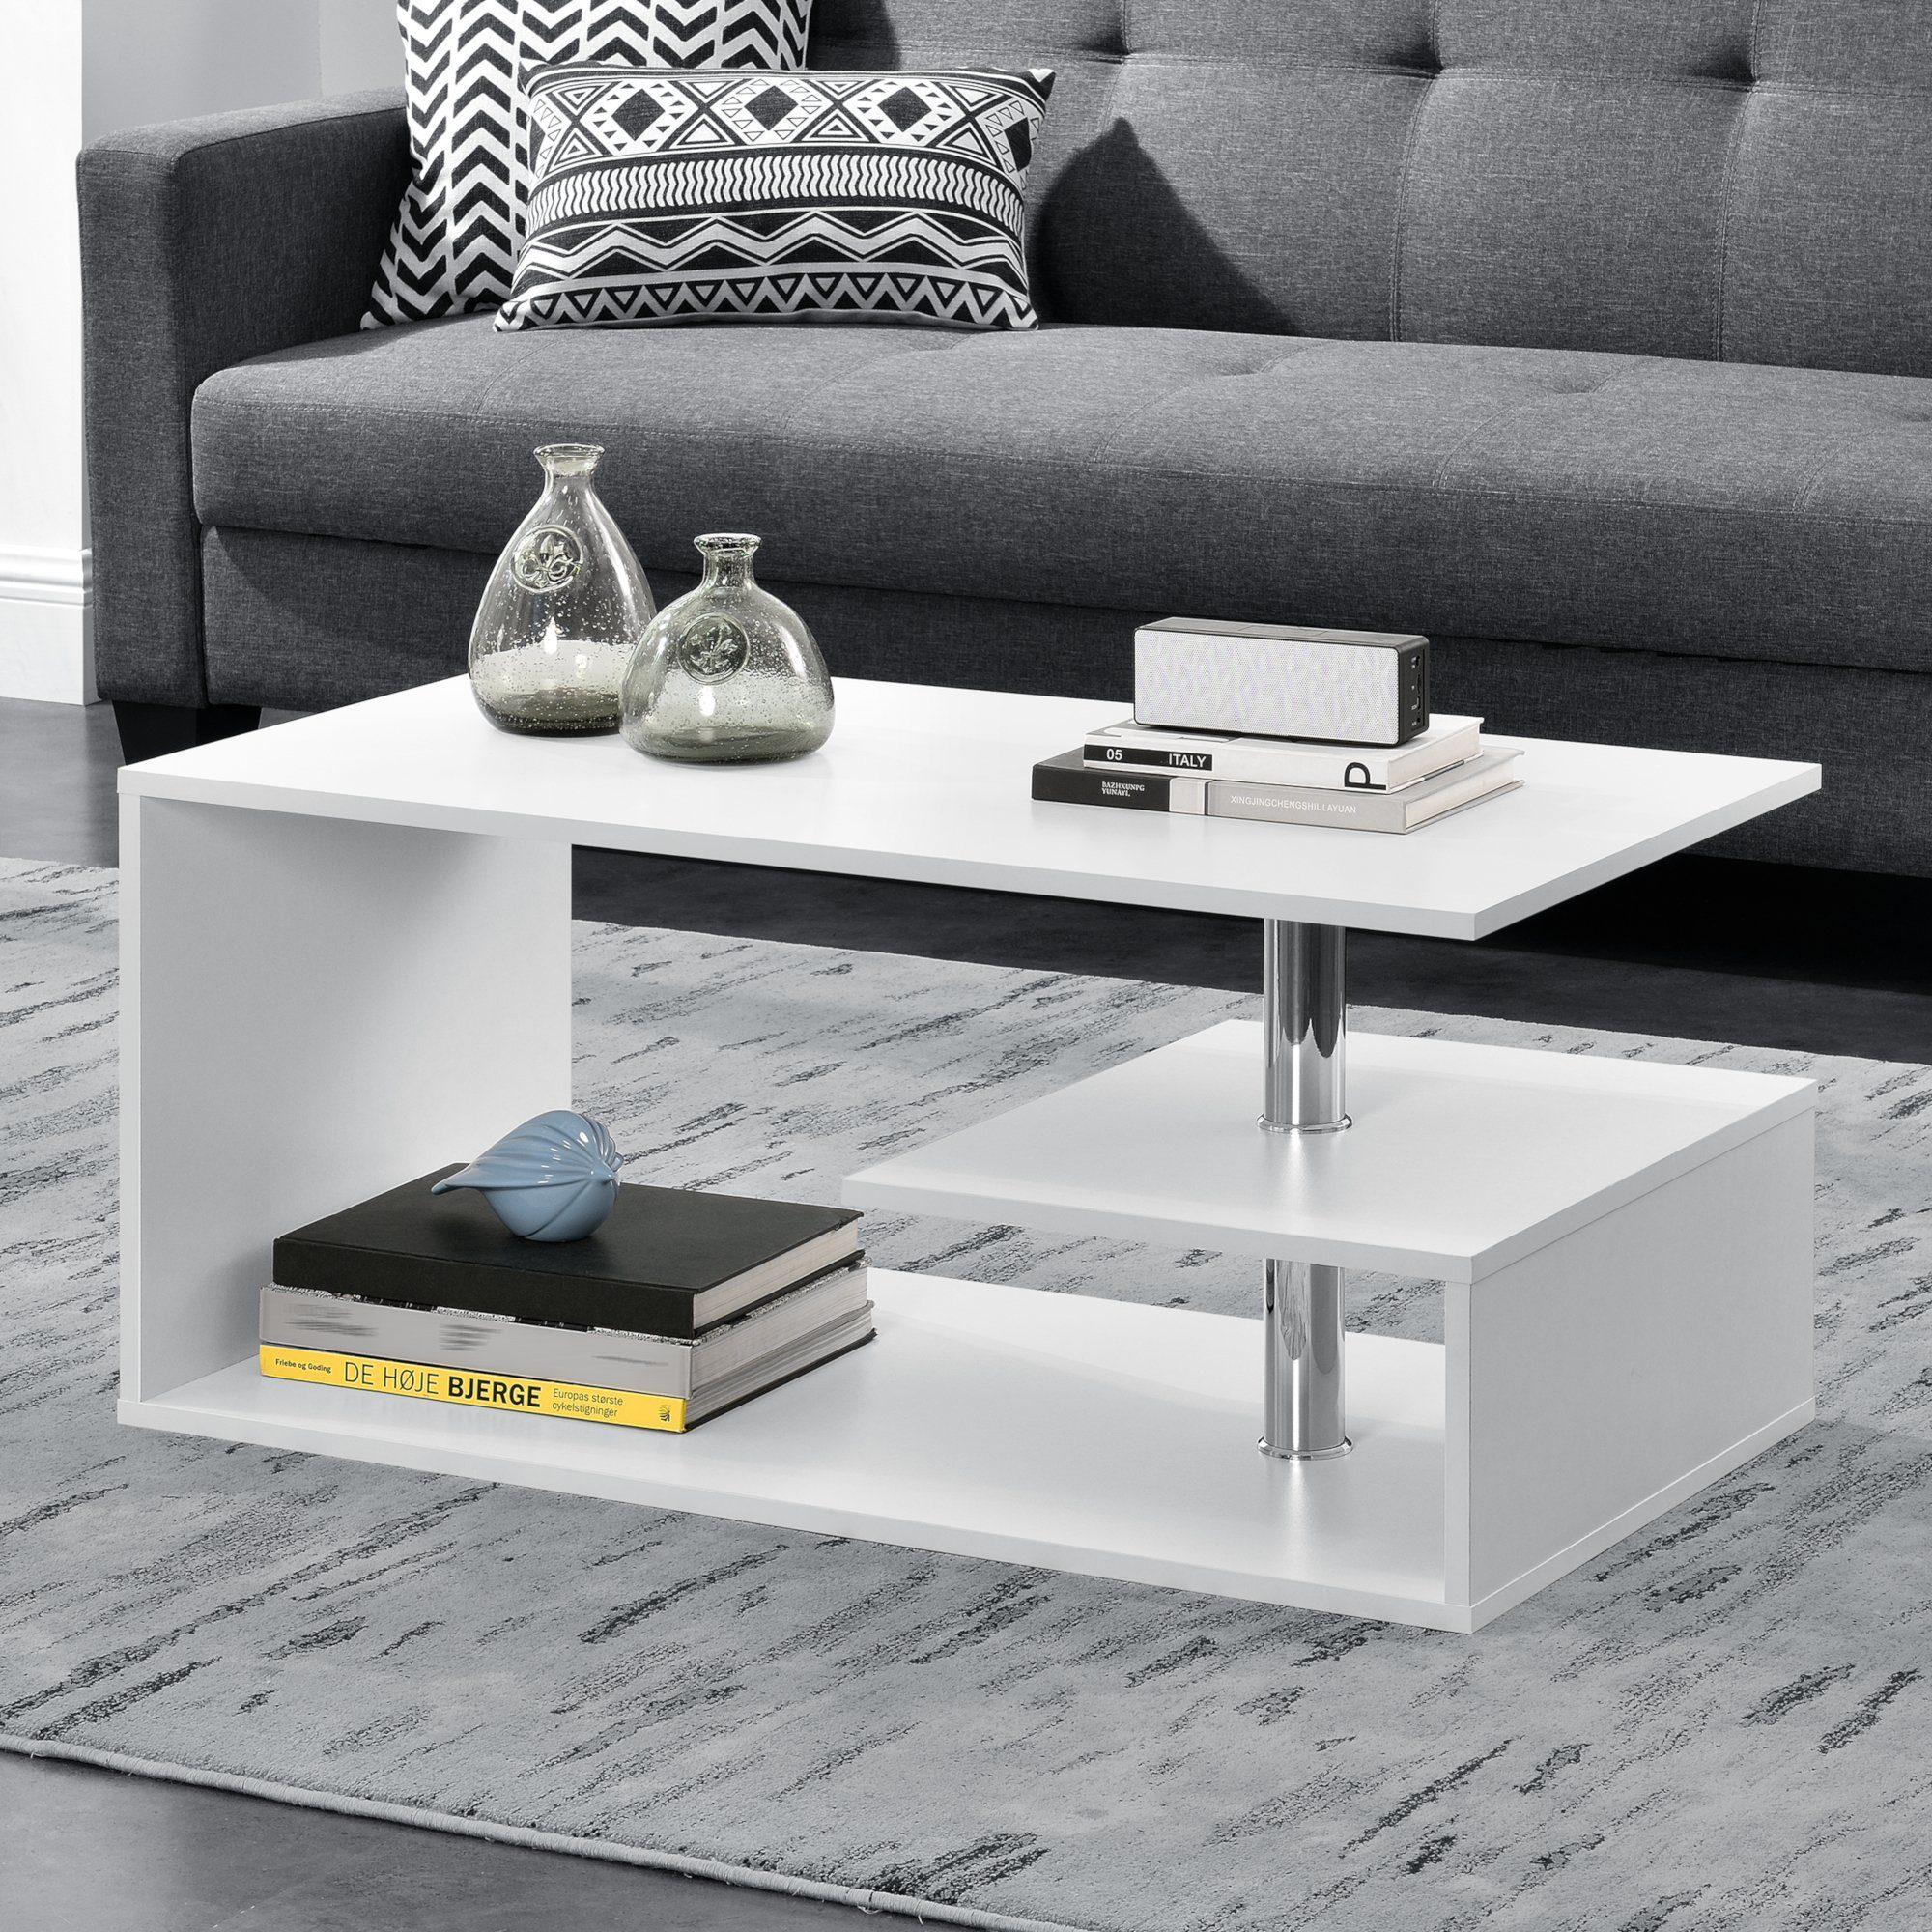 en.casa Couchtisch, »Haarlem« Beistelltisch mit Ablagefach 90x50x41cm weiß online kaufen | OTTO